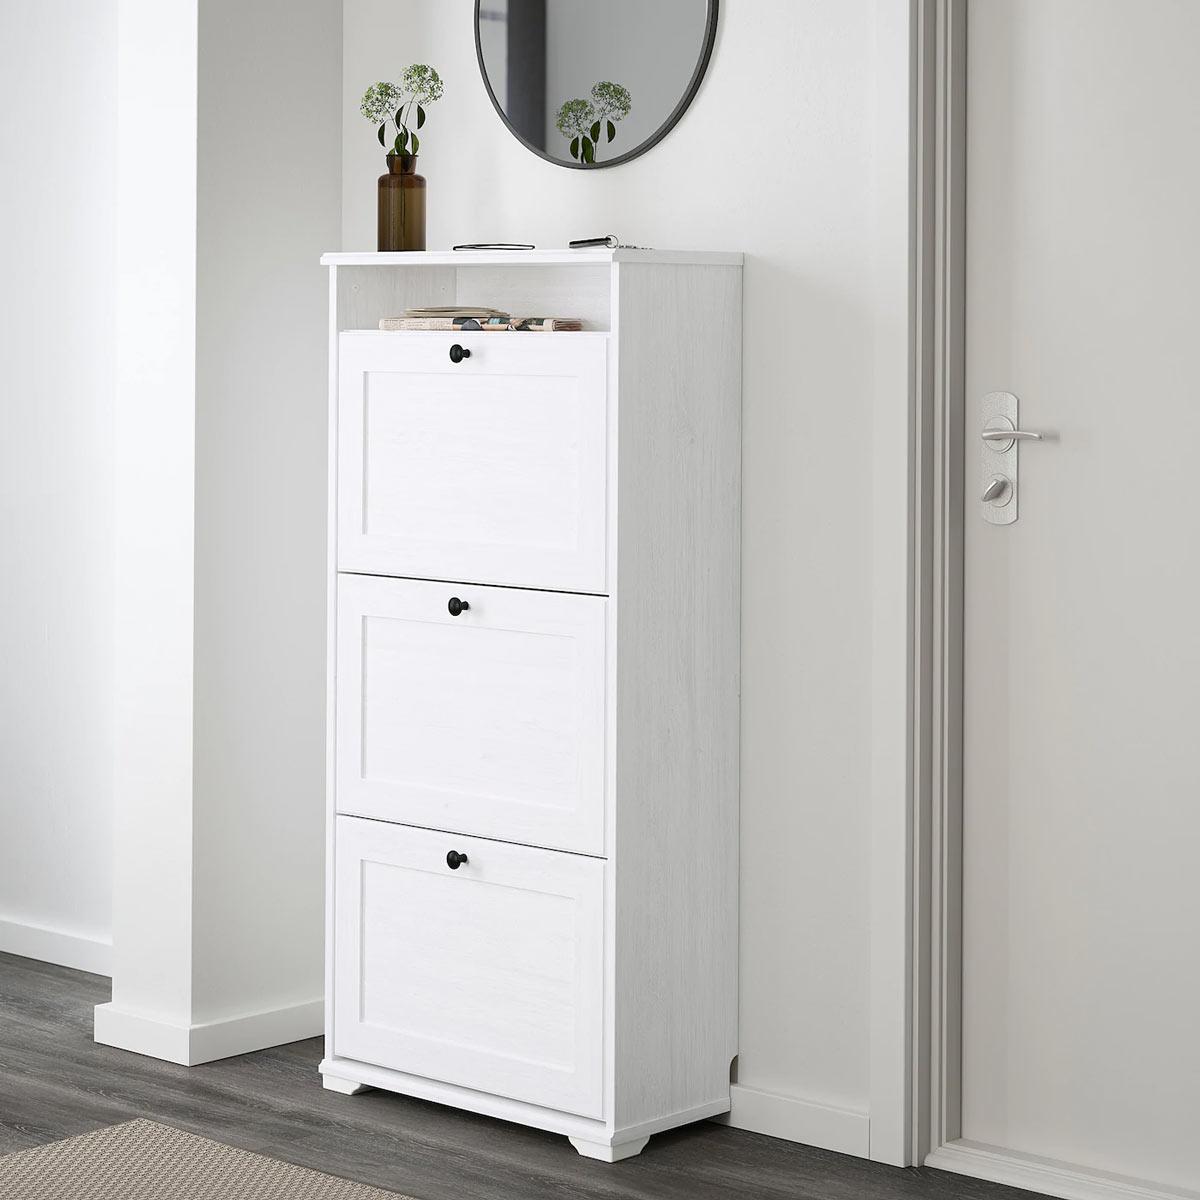 Organizzare un ingresso con IKEA